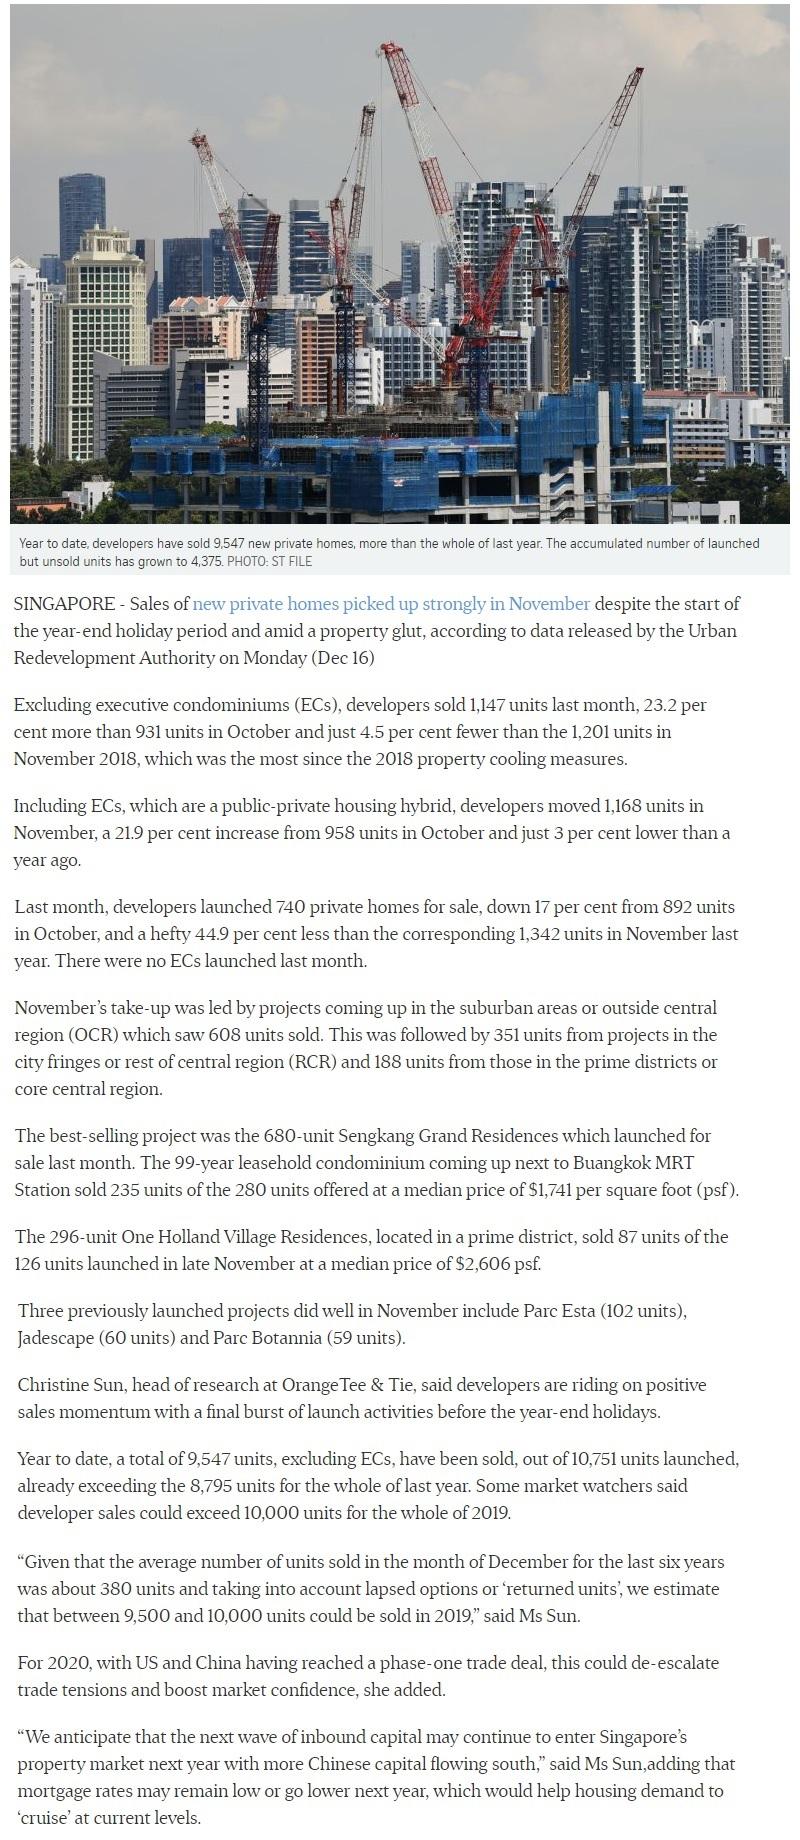 Ki Residences - New private home sales rebound in Nov part 1